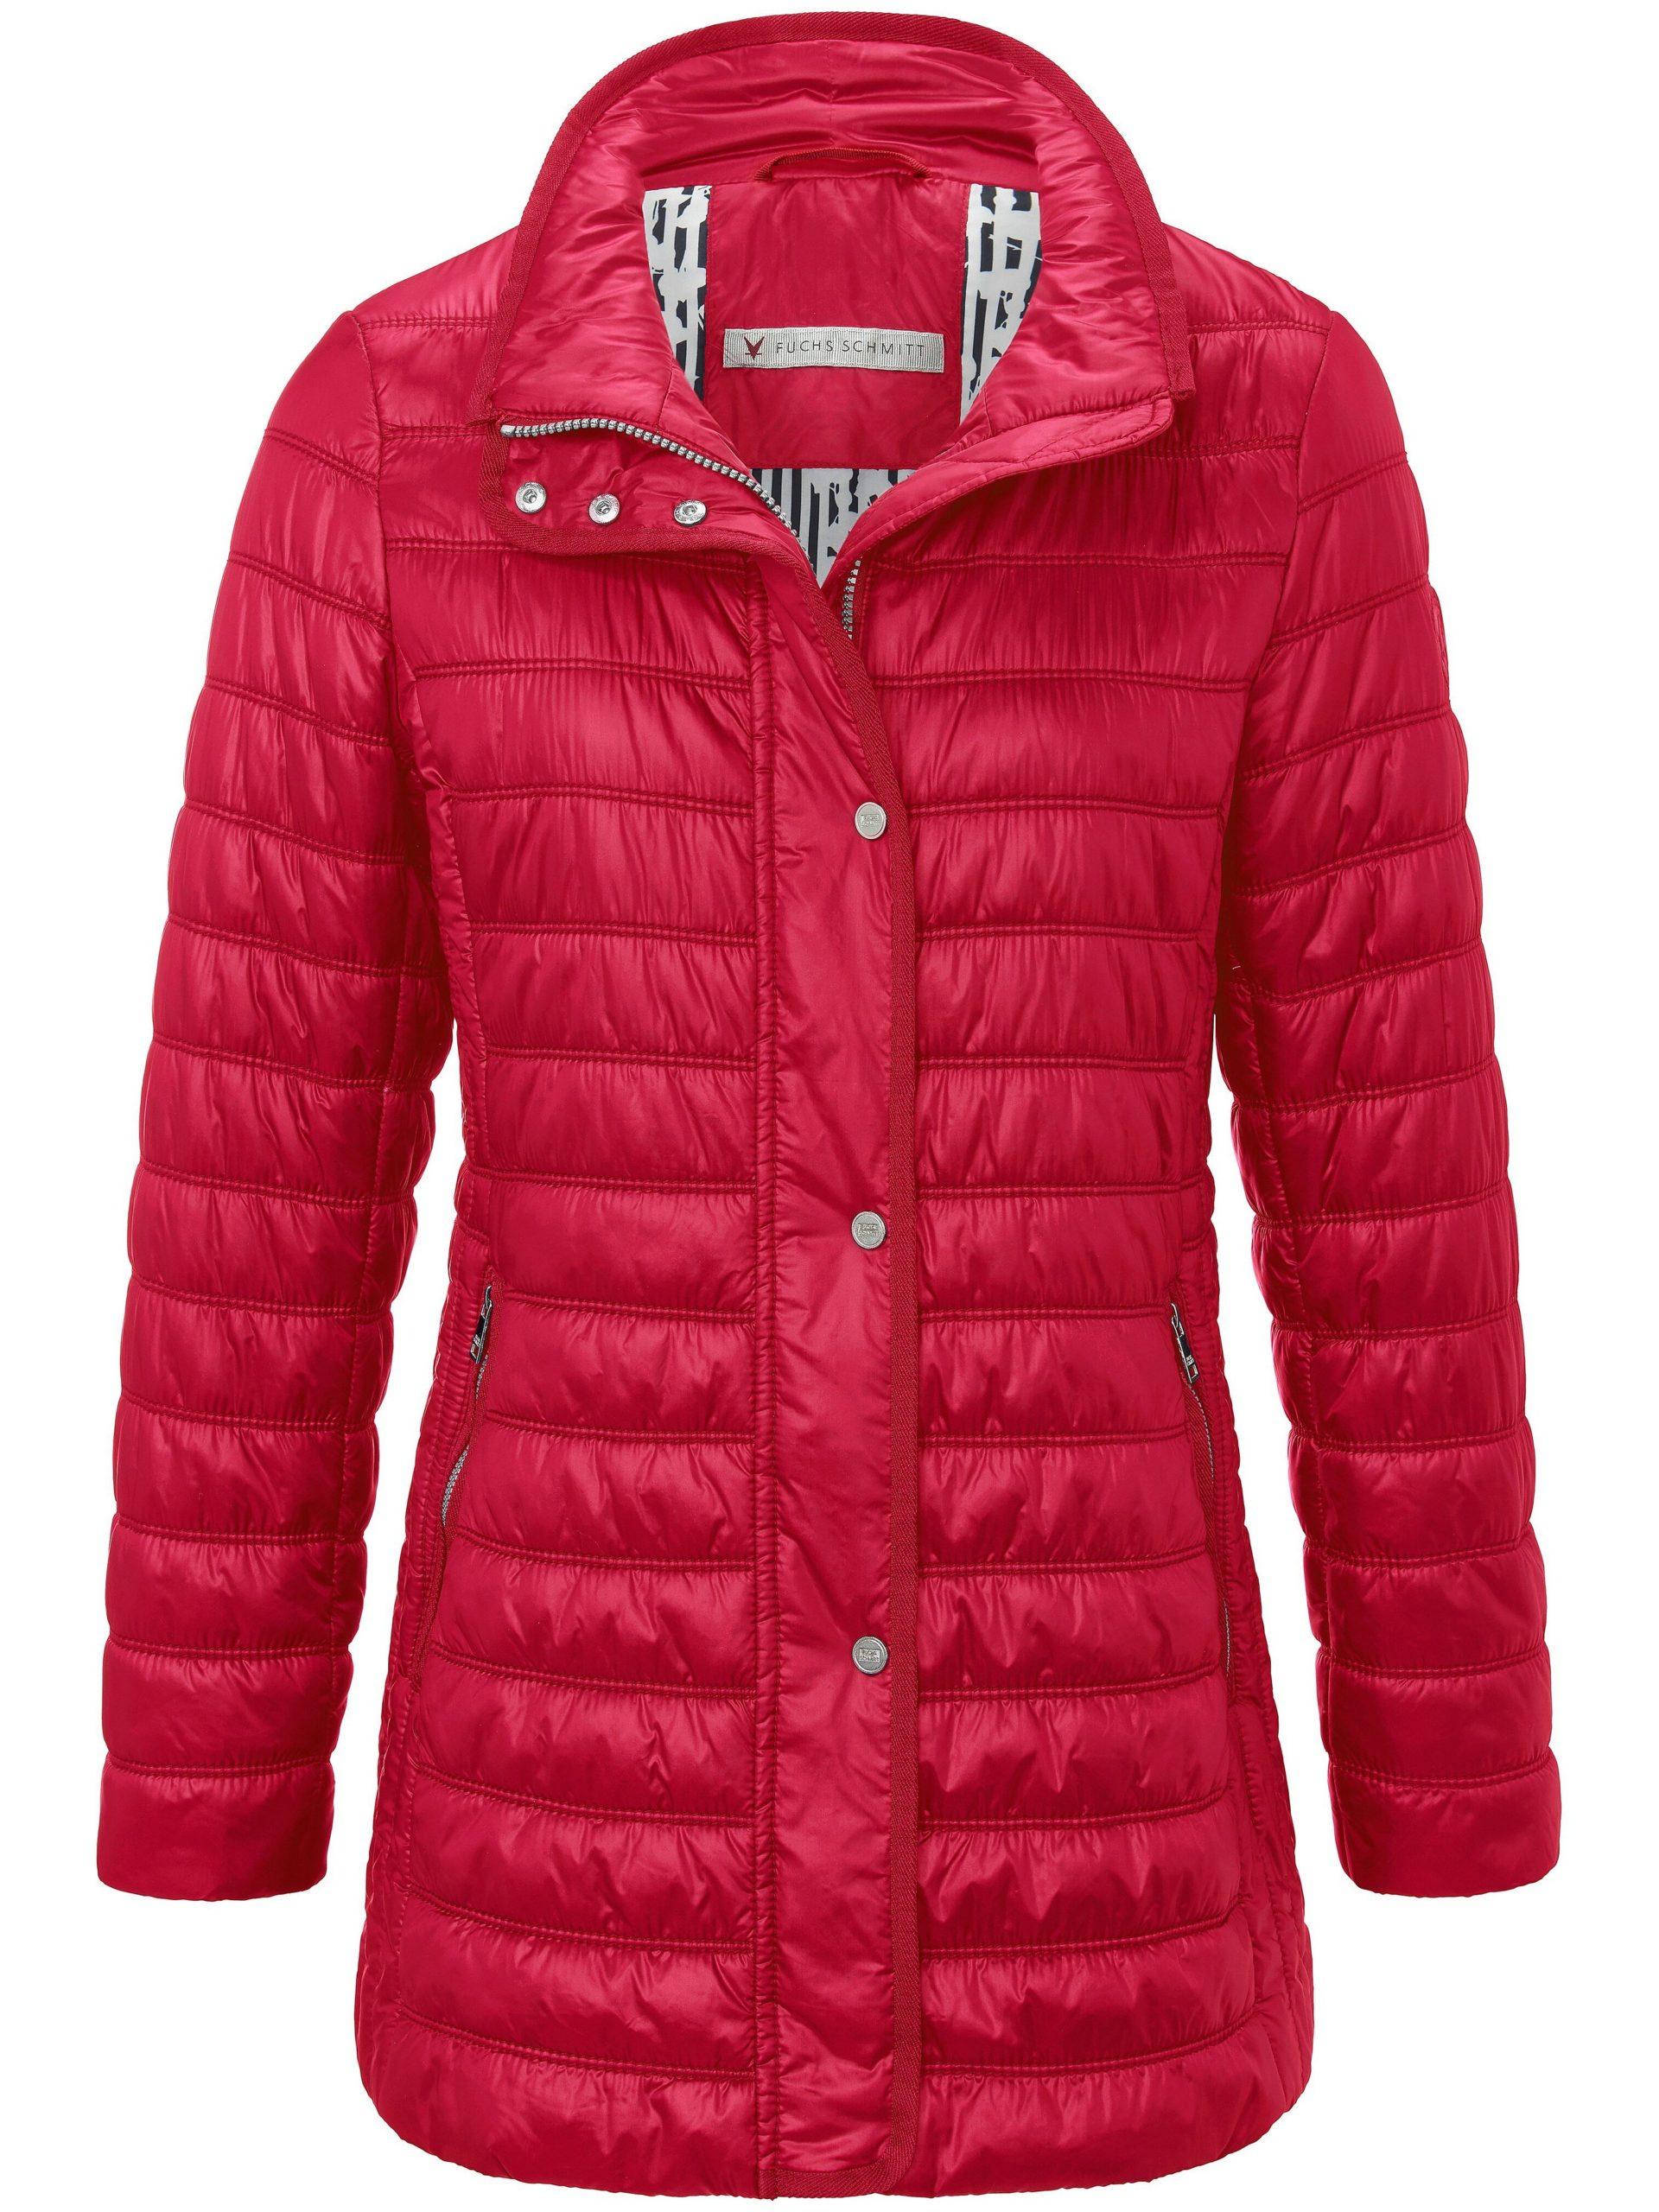 Doorgestikte jas met staande kraag Van Fuchs & Schmitt rood Kopen